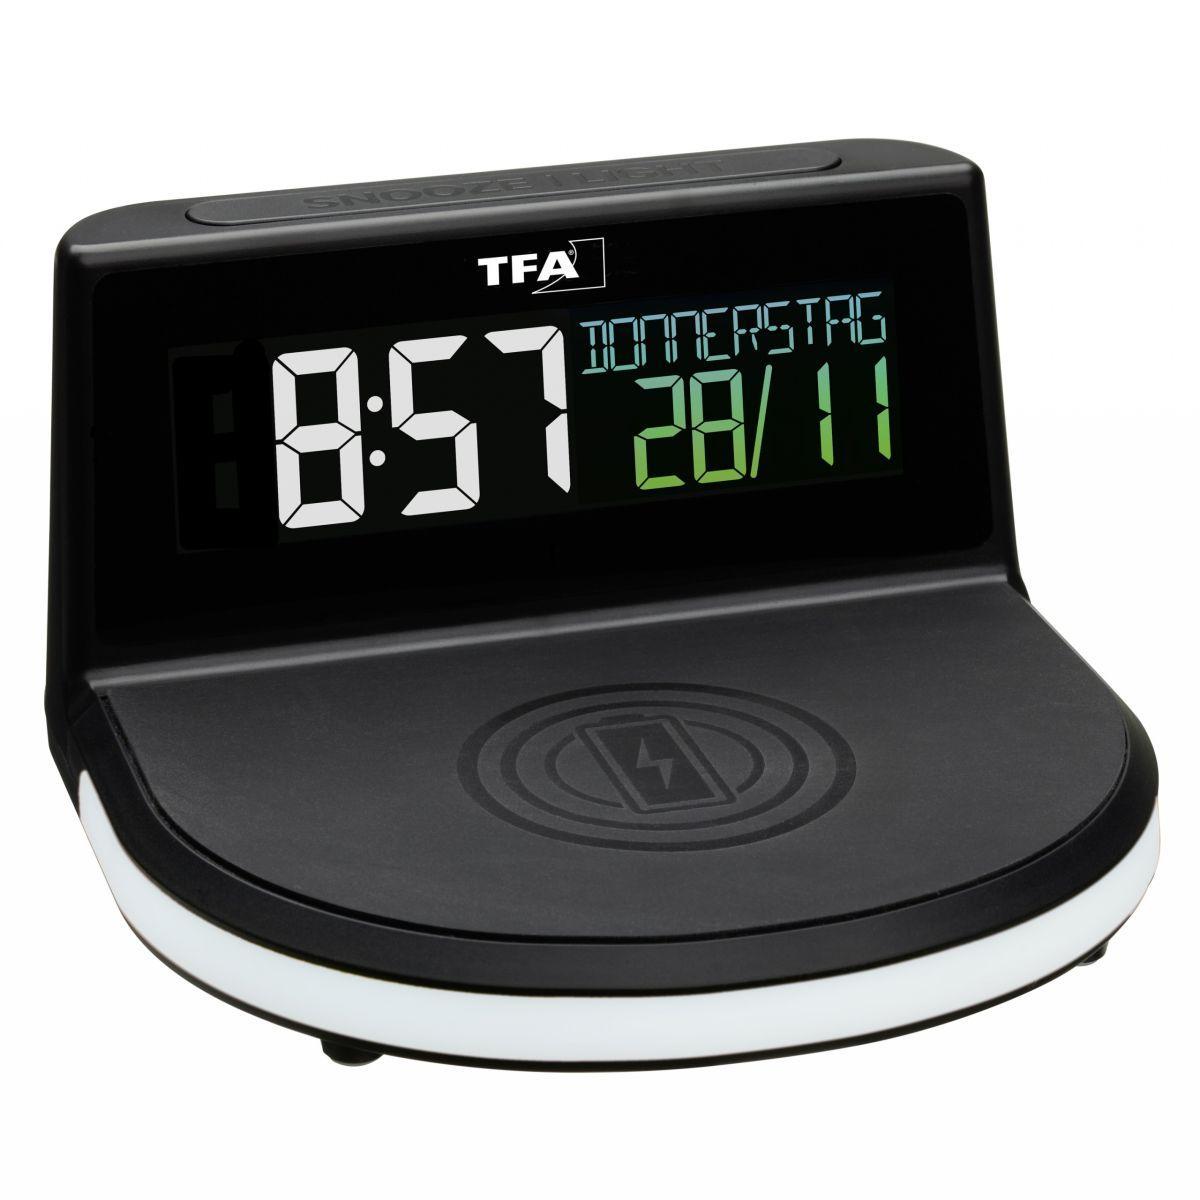 Digitální budík s možností bezdrátového nabíjení TFA 60.2028.01 CHARGE-IT WIRELESS